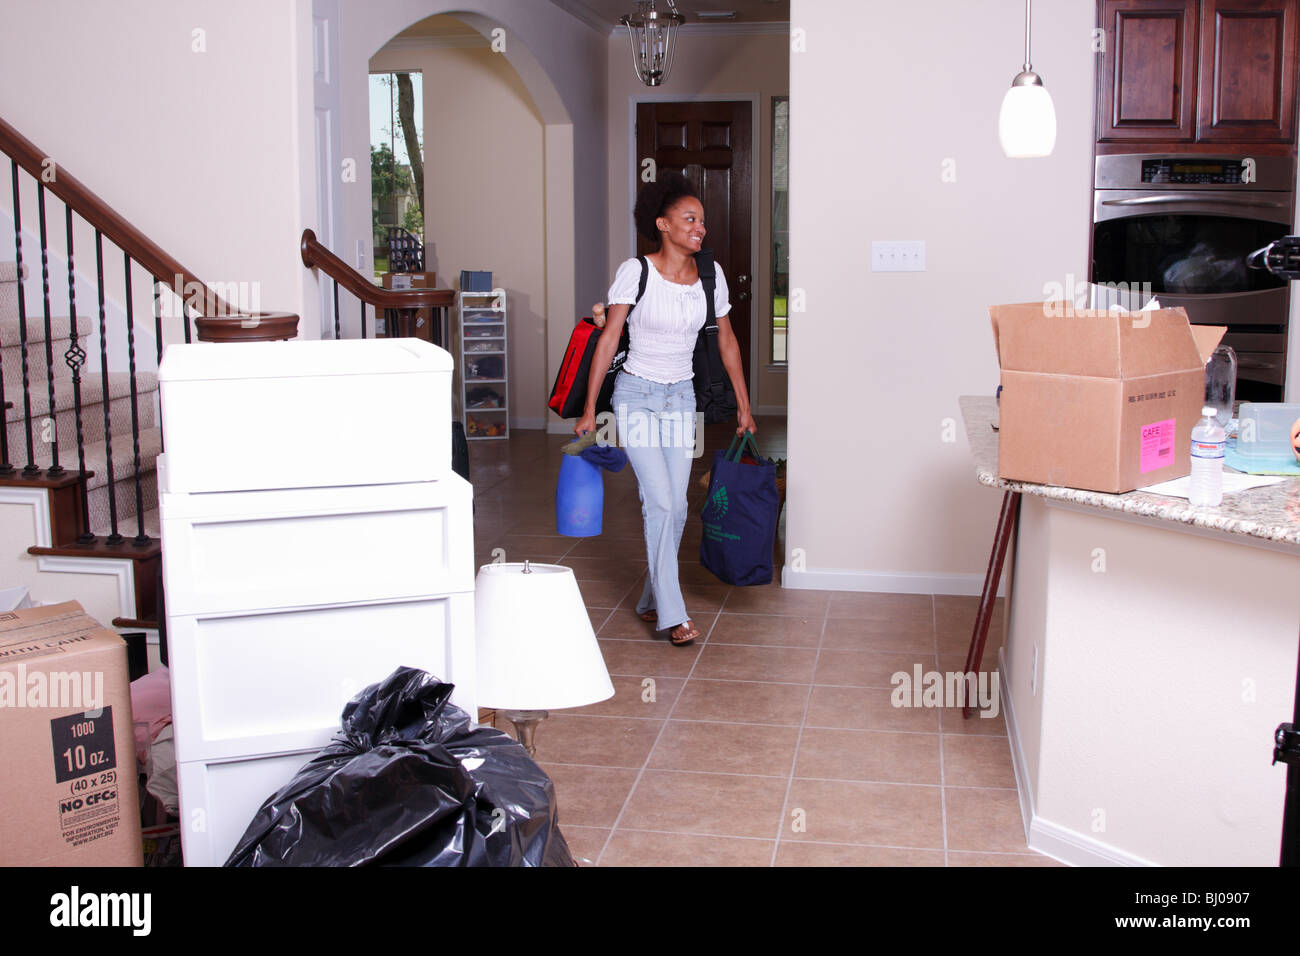 Jeune femme déménagement Retour à l'accueil Photo Stock